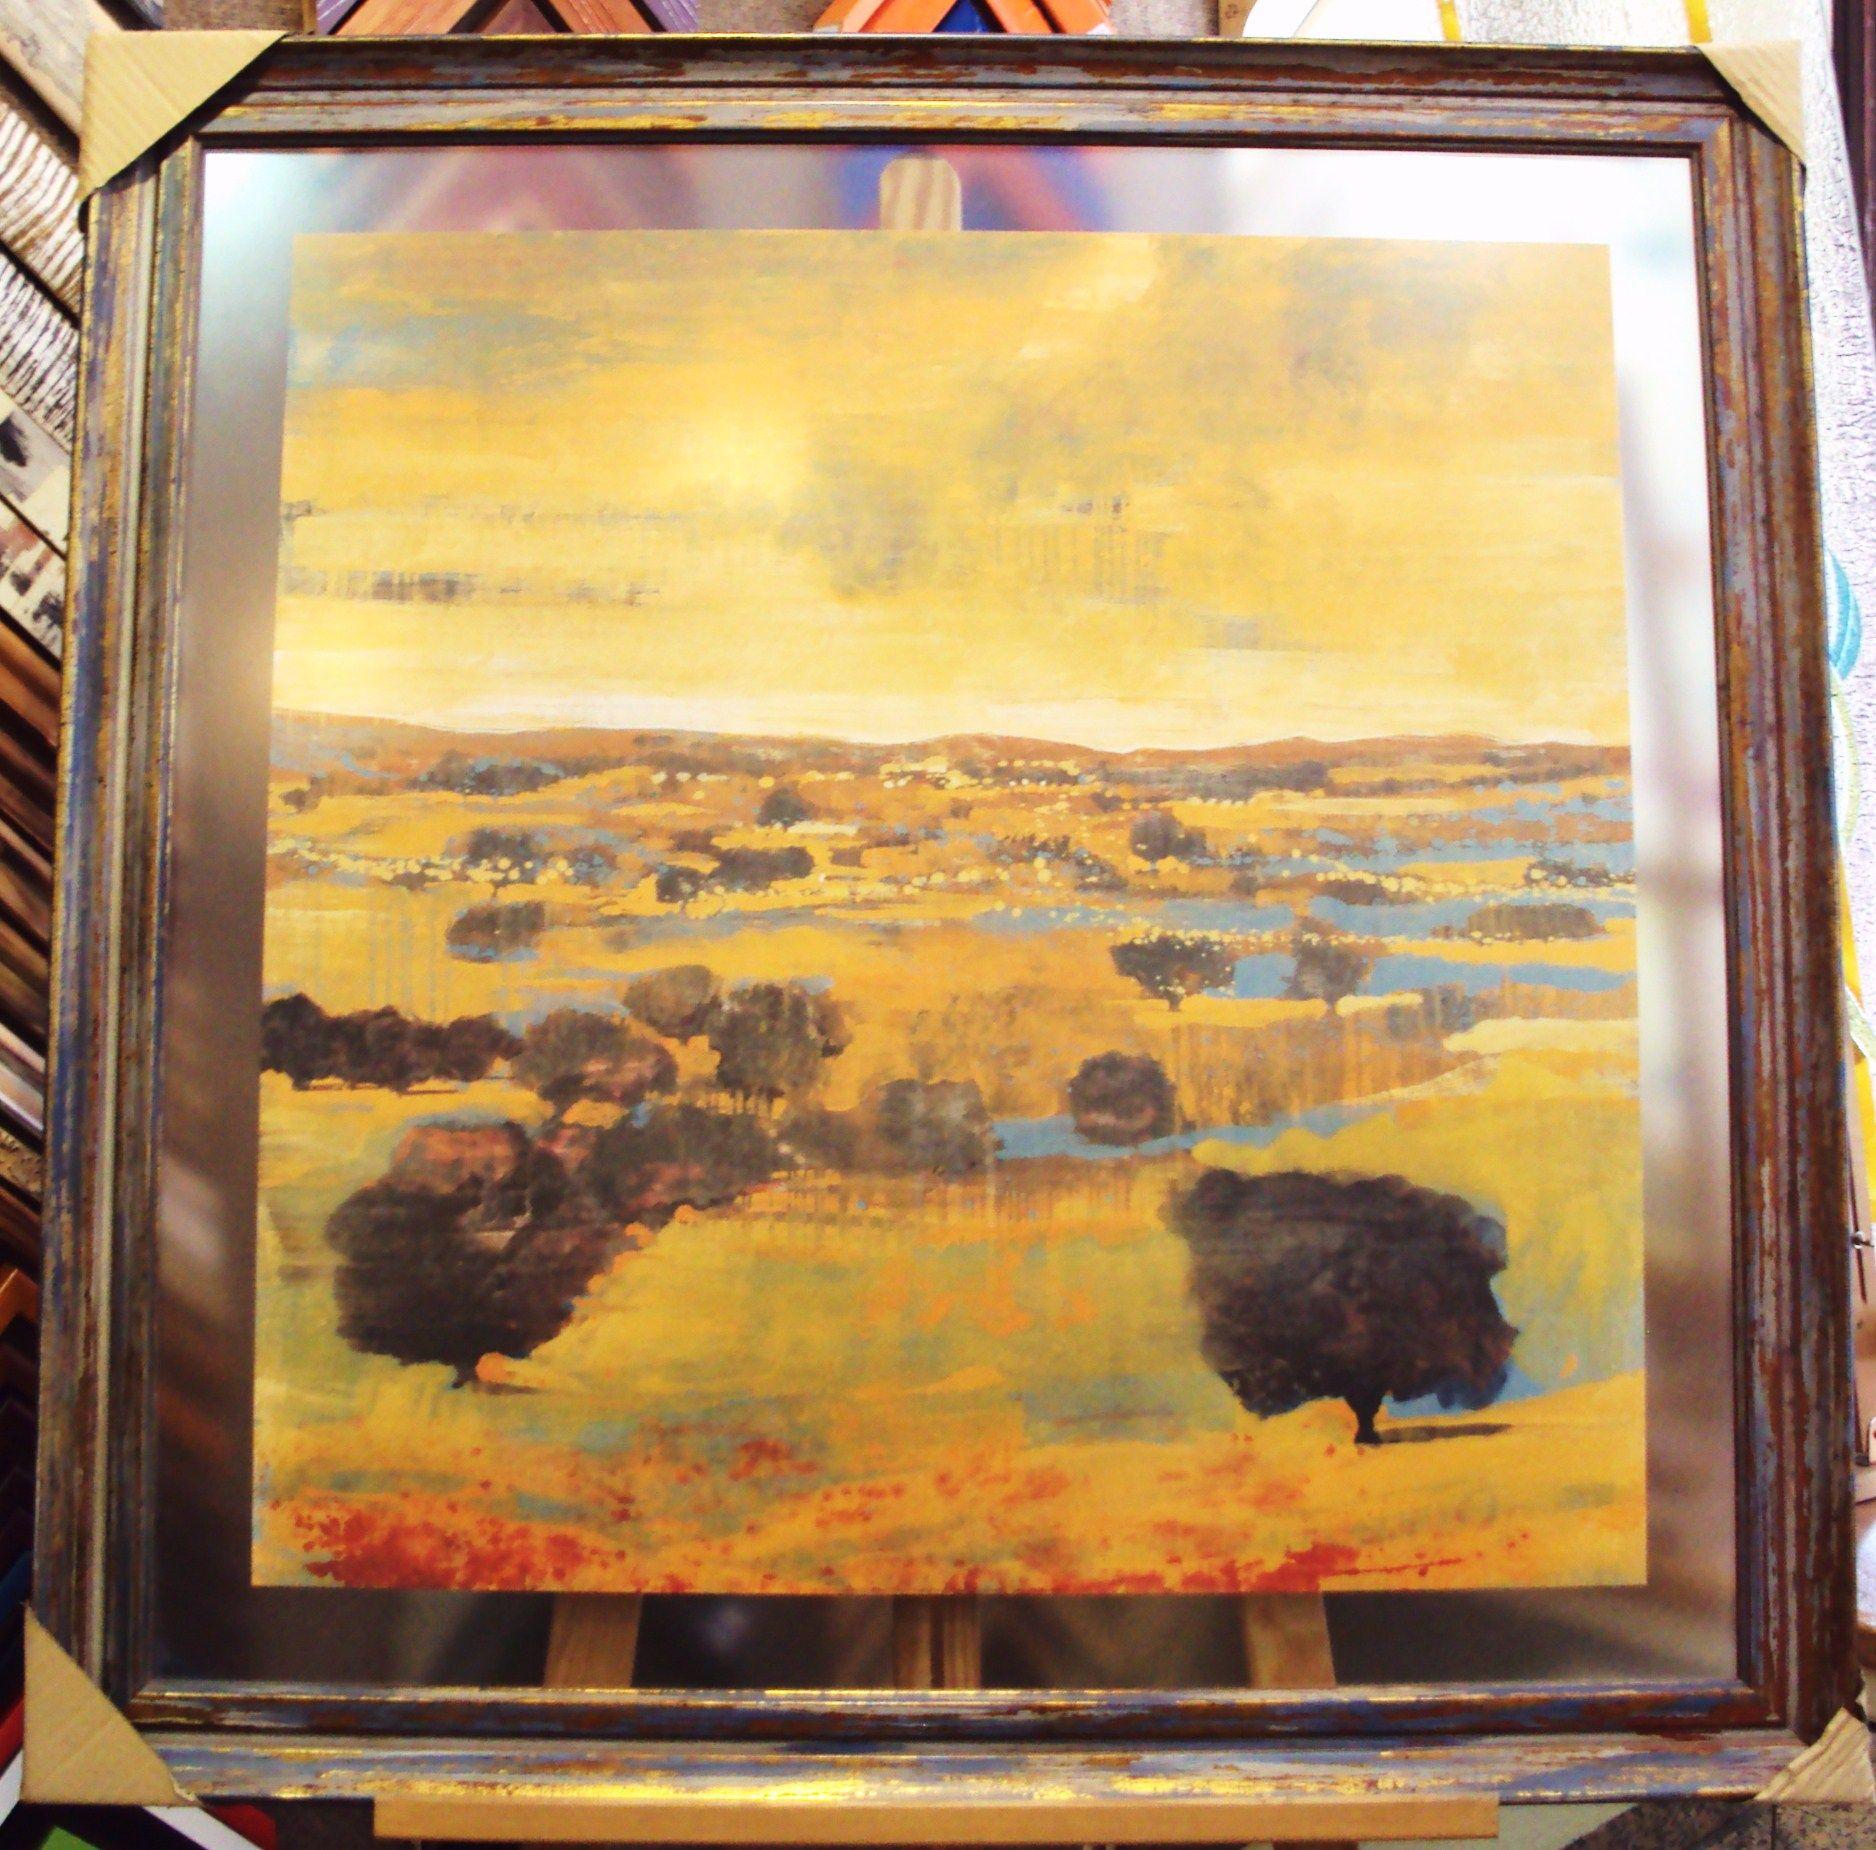 Cuadros a la venta: Catálogo de Cristalería y taller de enmarcación Urgel